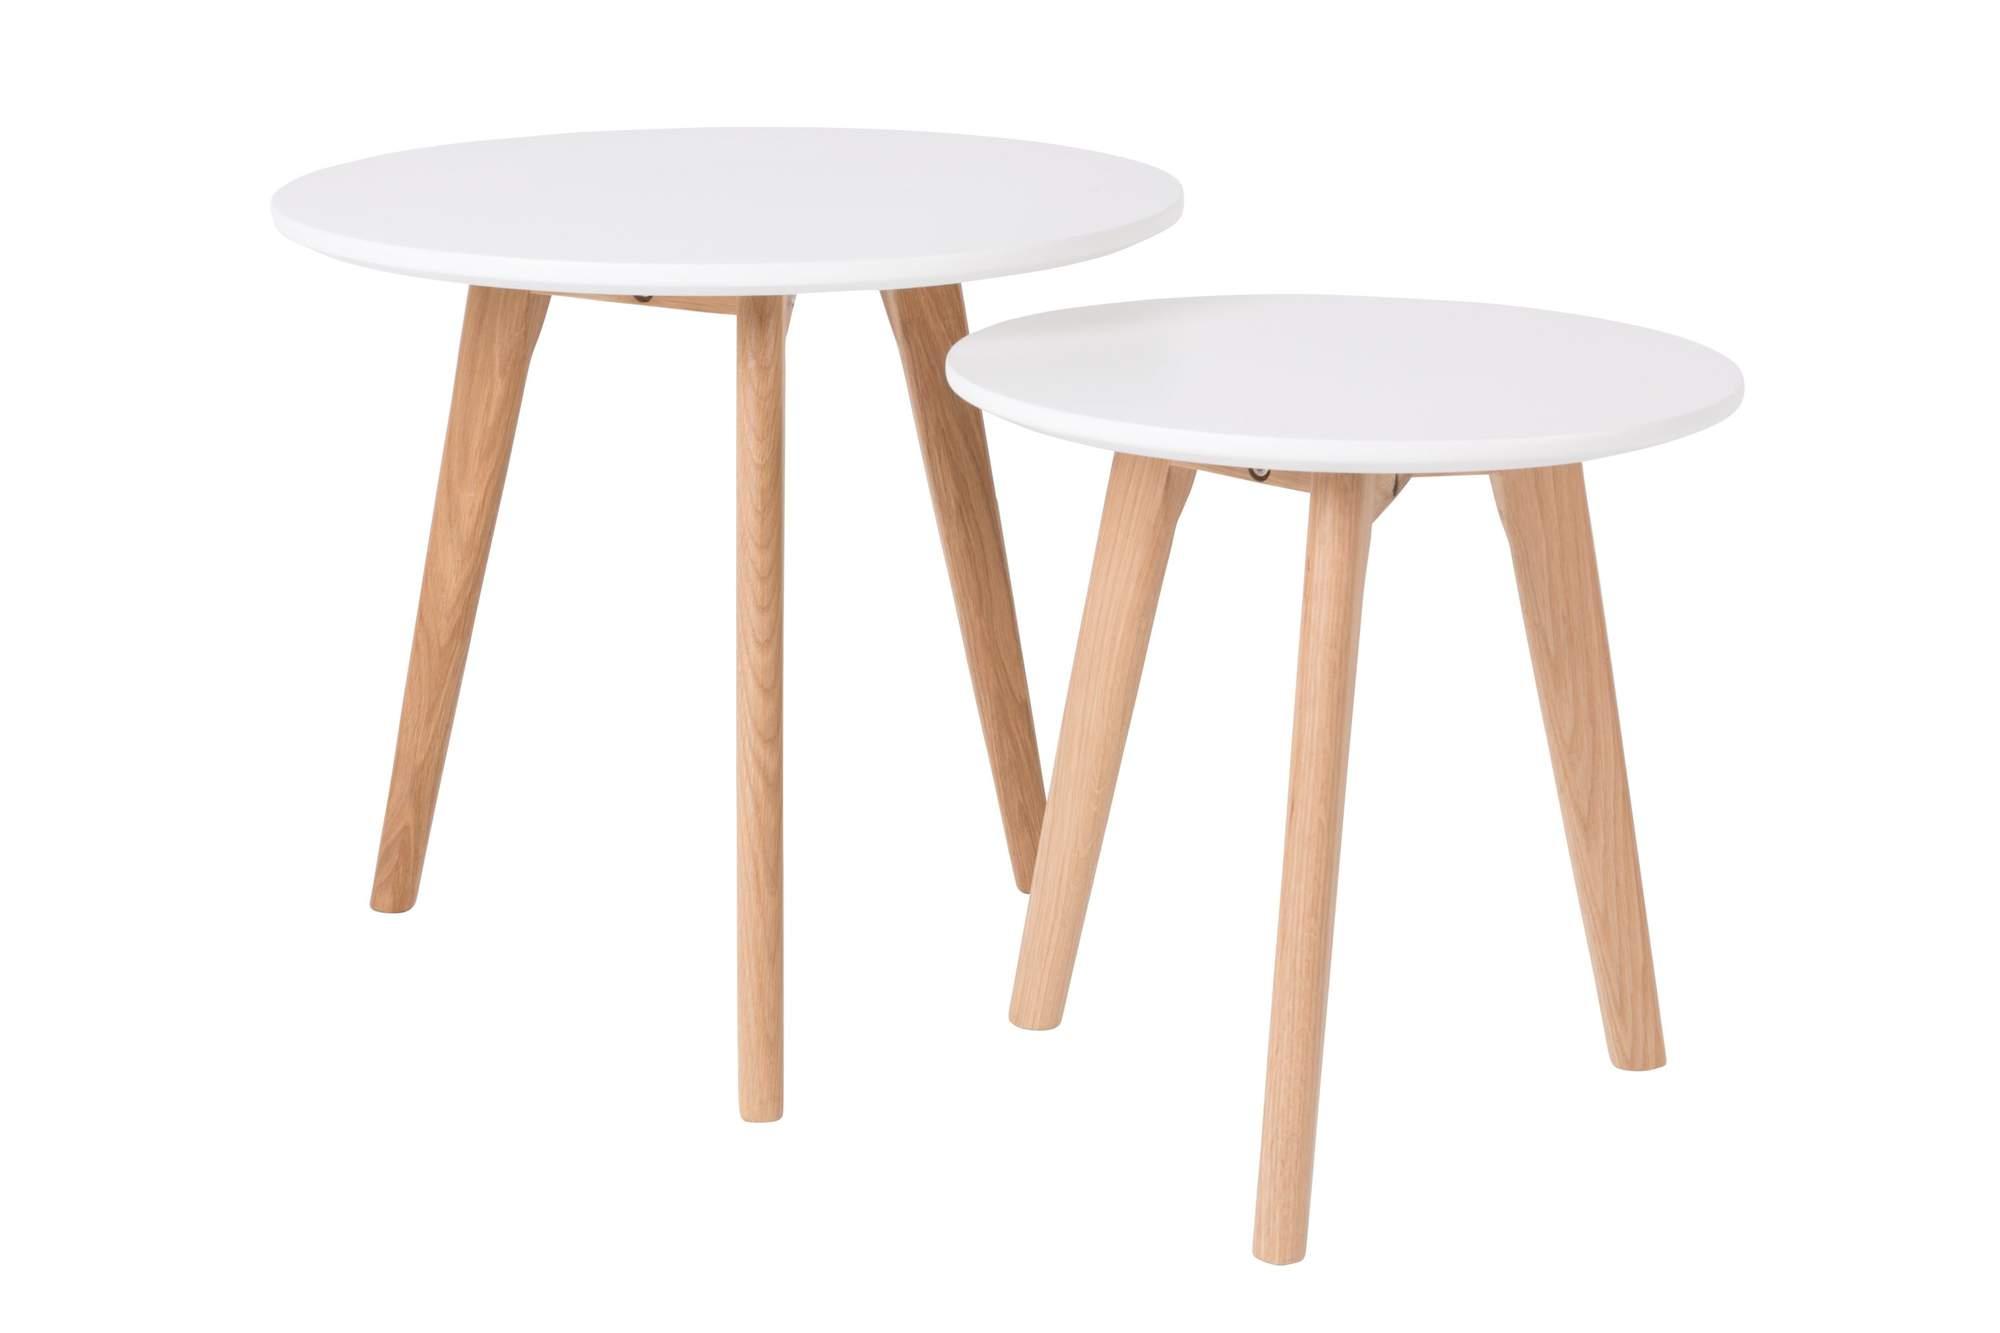 bodine beistelltisch 2er set beine eiche platte wei. Black Bedroom Furniture Sets. Home Design Ideas